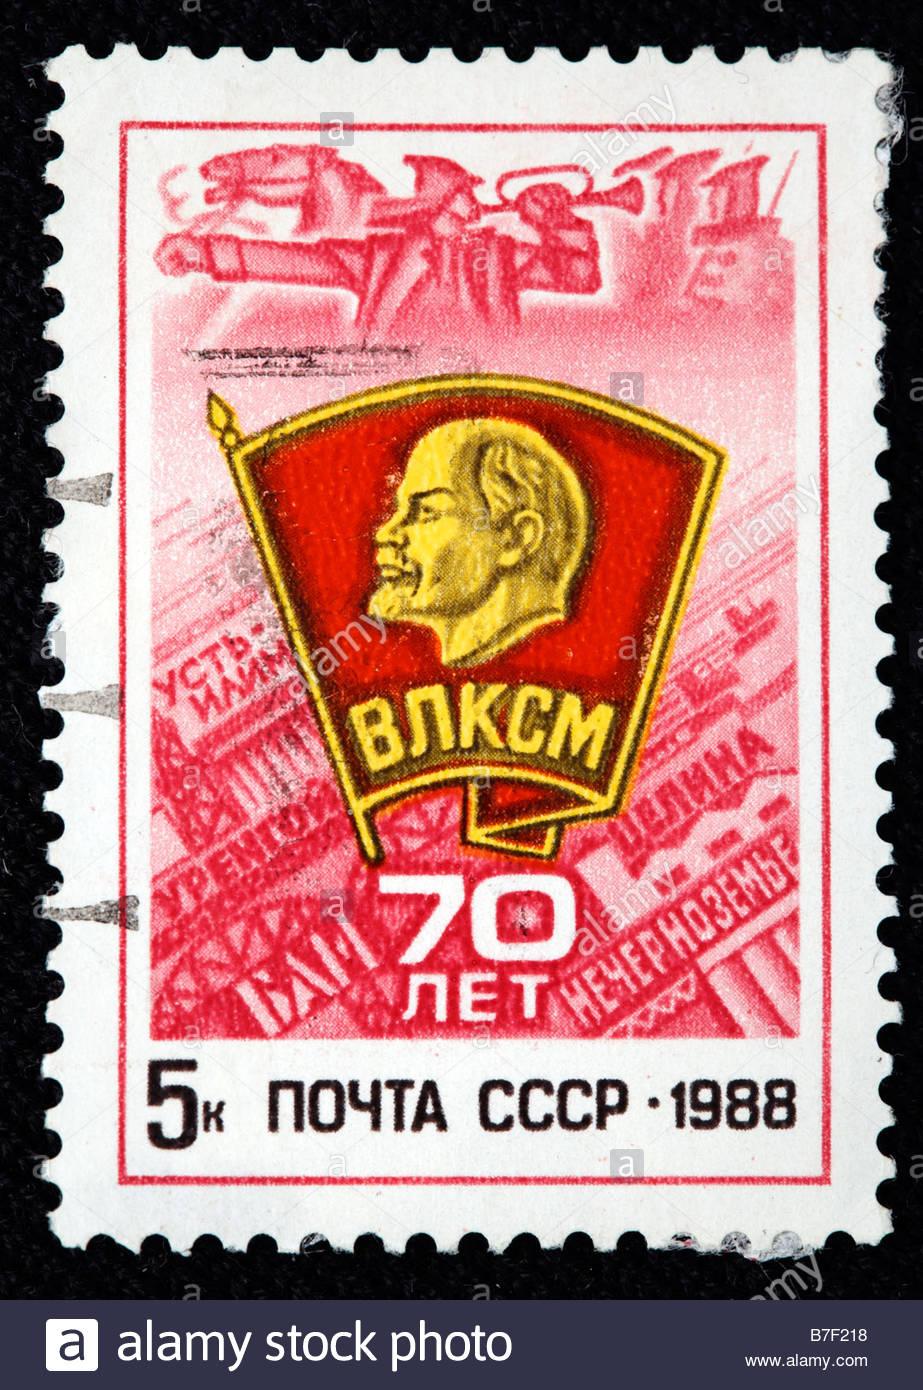 70 anniversary of comsomol (VLKSM), postage stamp, USSR, 1988 - Stock Image